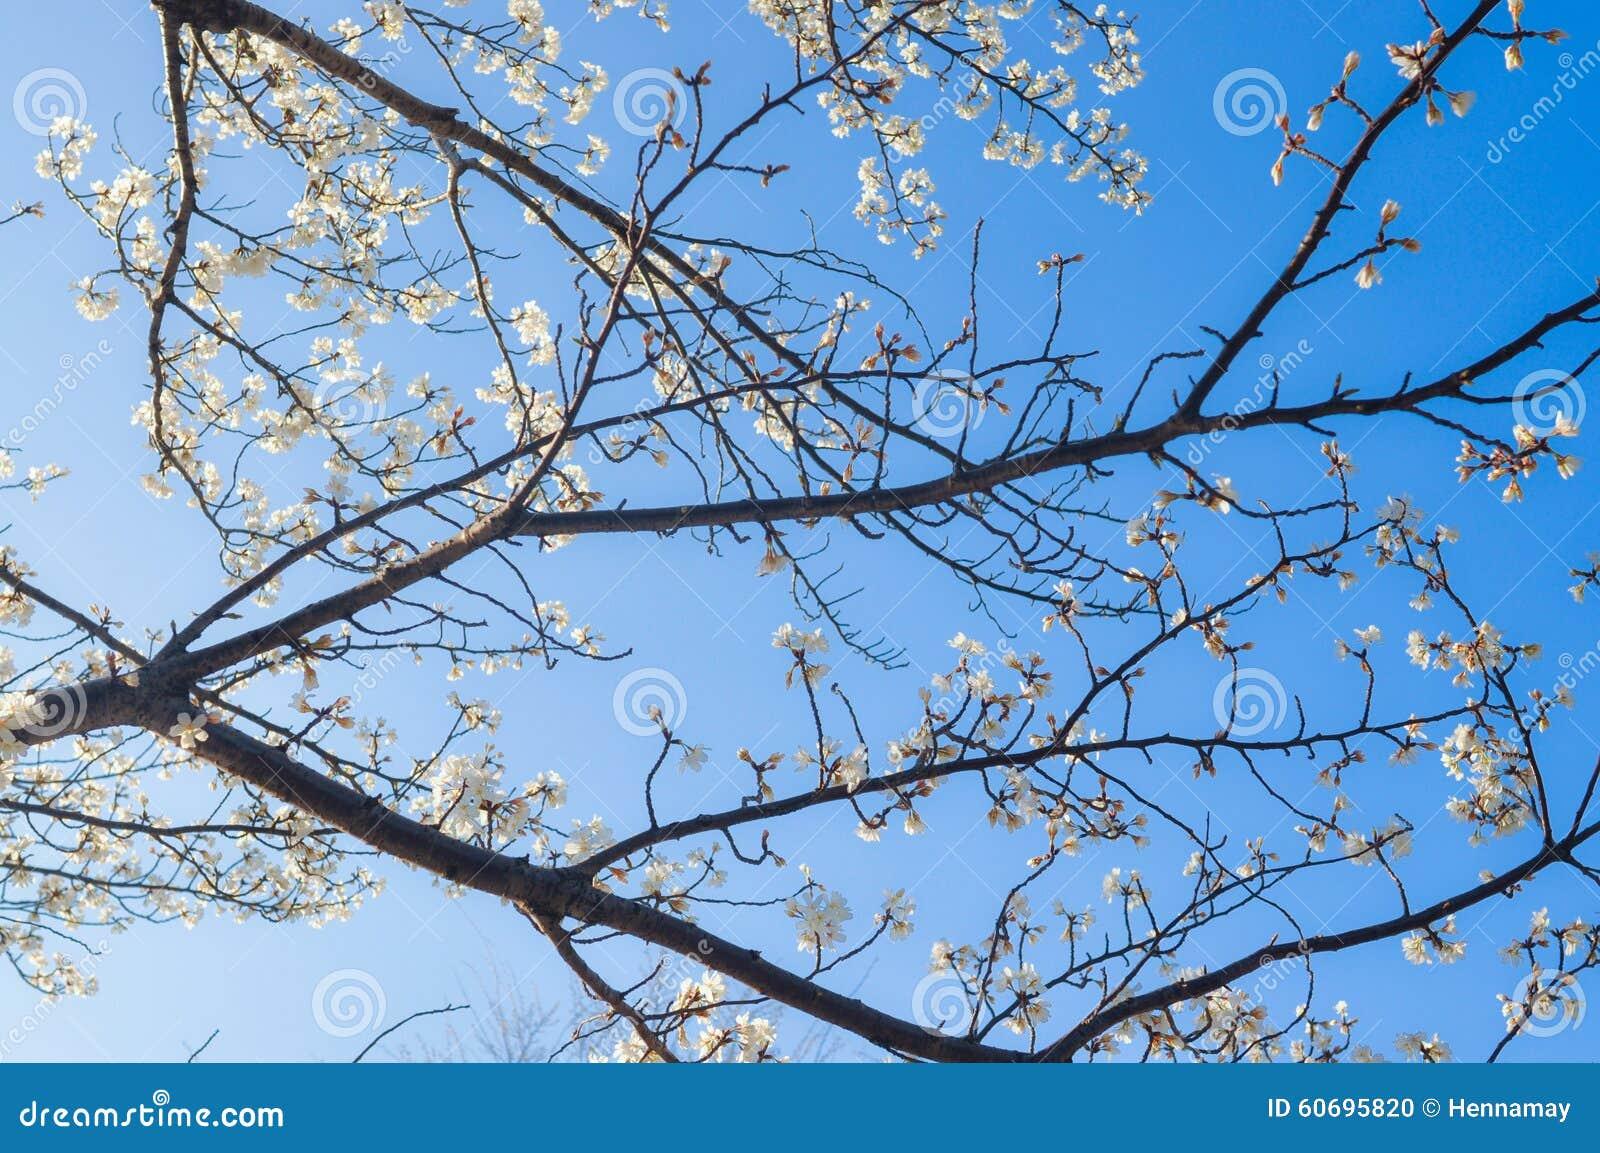 Sakura Blossoms Melbourne Review